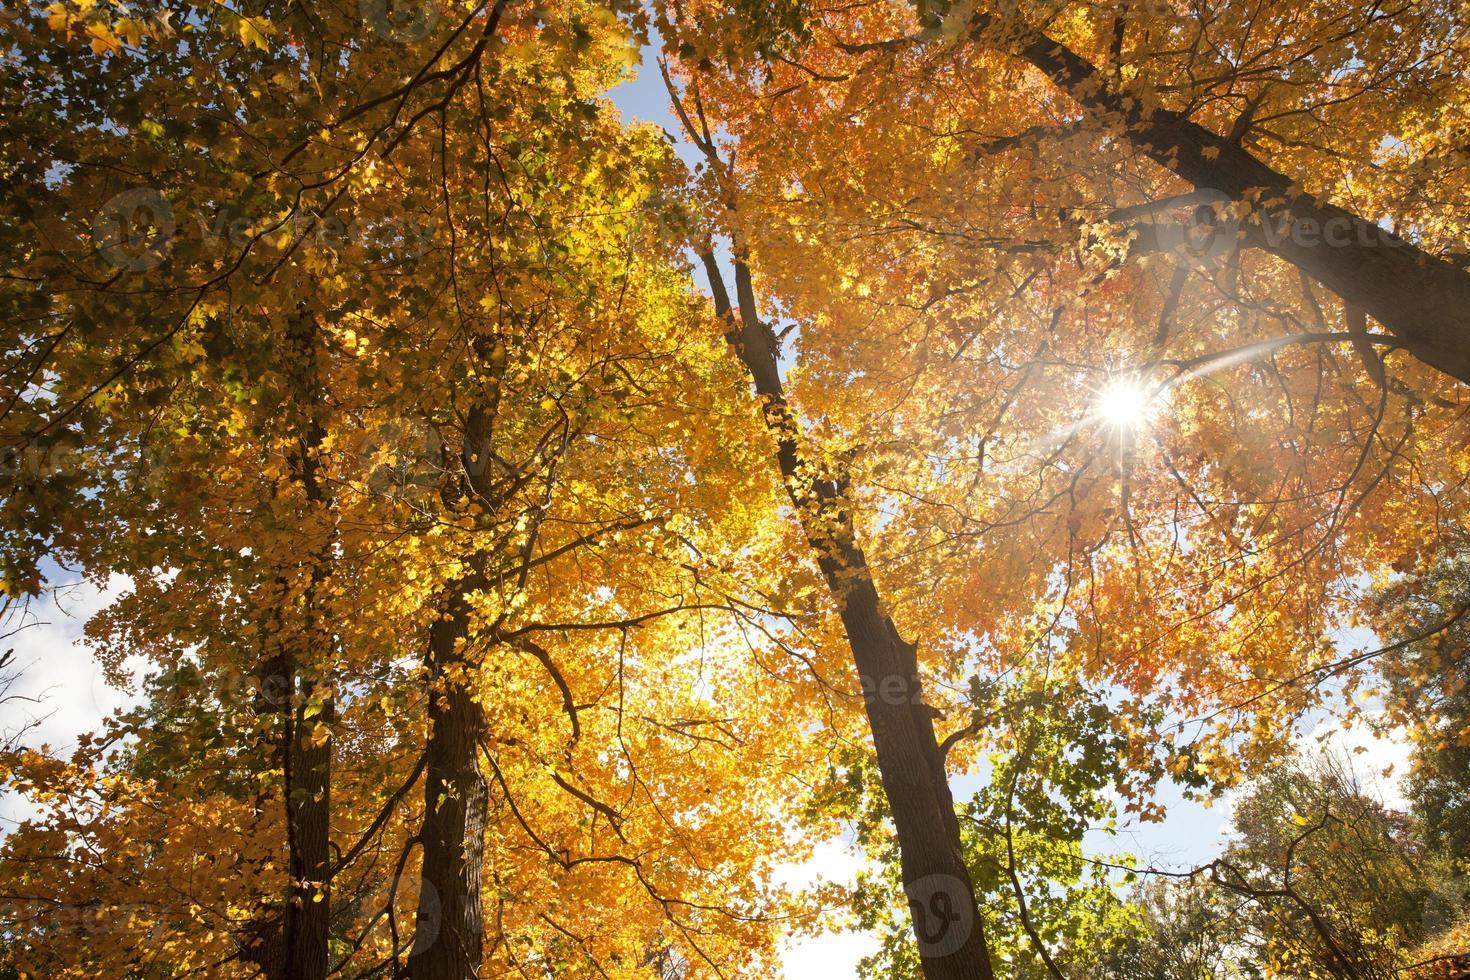 Herbstlaub in der Natur foto